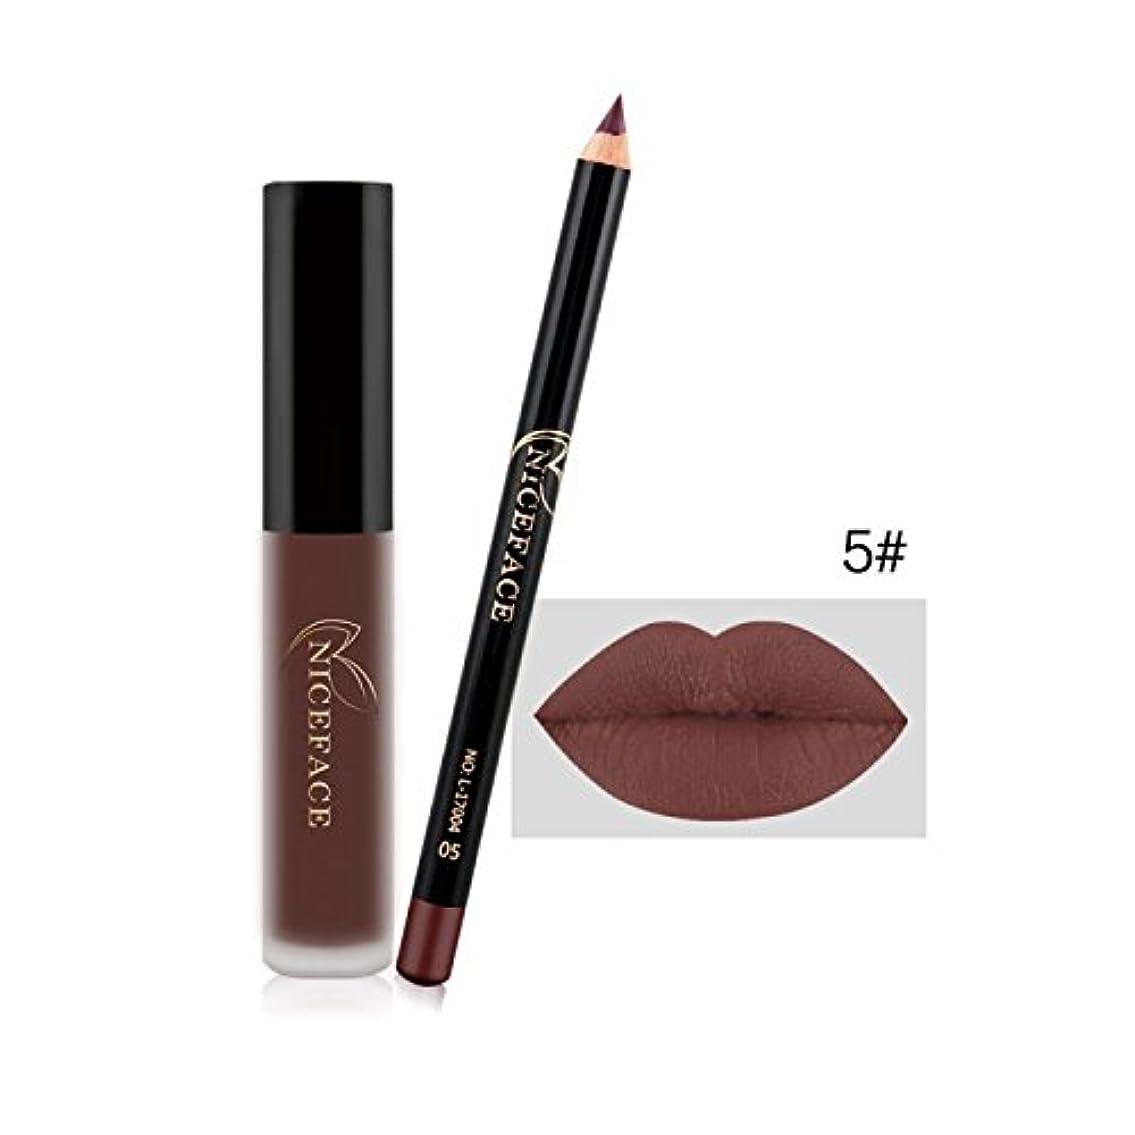 集める同種の眼(5#) Makeup Set Lip Gloss + Lip Liner Set Lip Set Matte Lipstick Long Lasting Waterproof Solid Lip Pencil Liner Set Newest